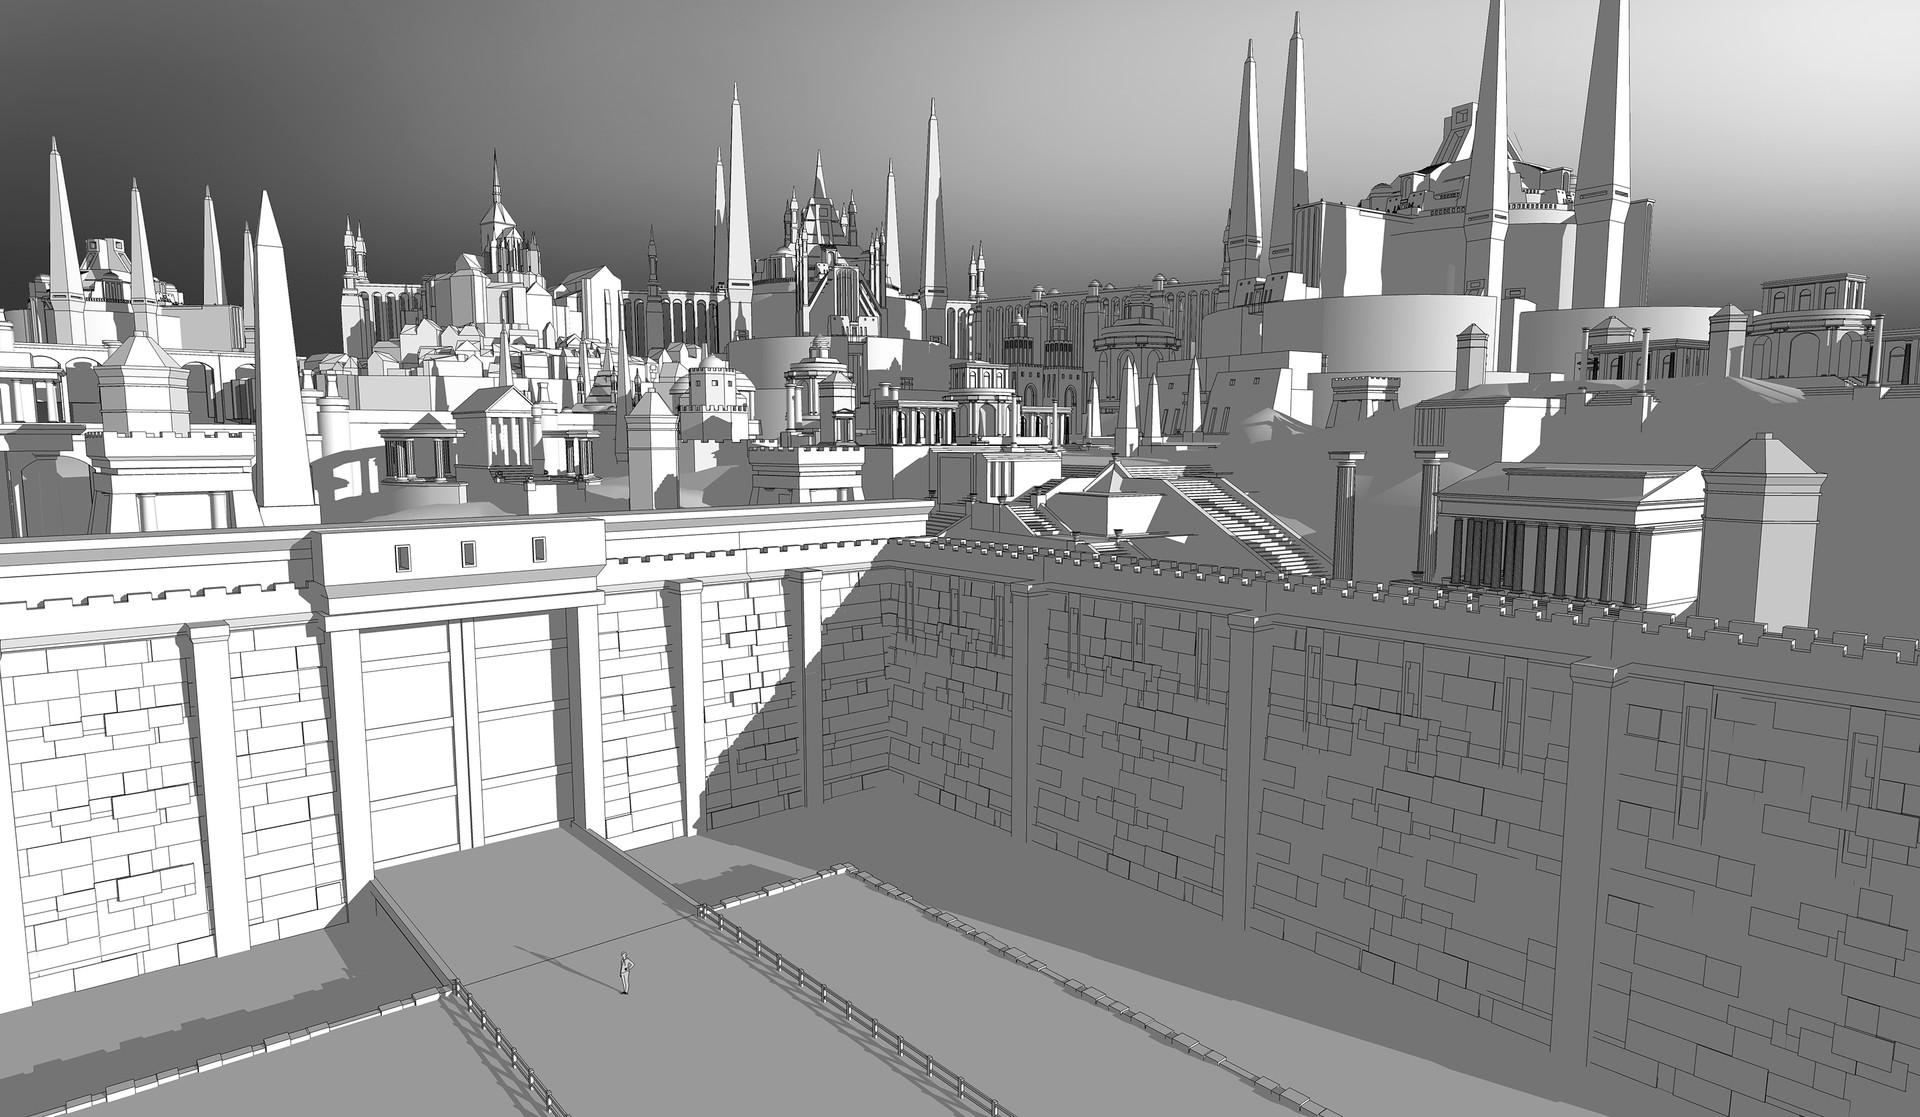 Ferdinand ladera gath ancient city sketchup